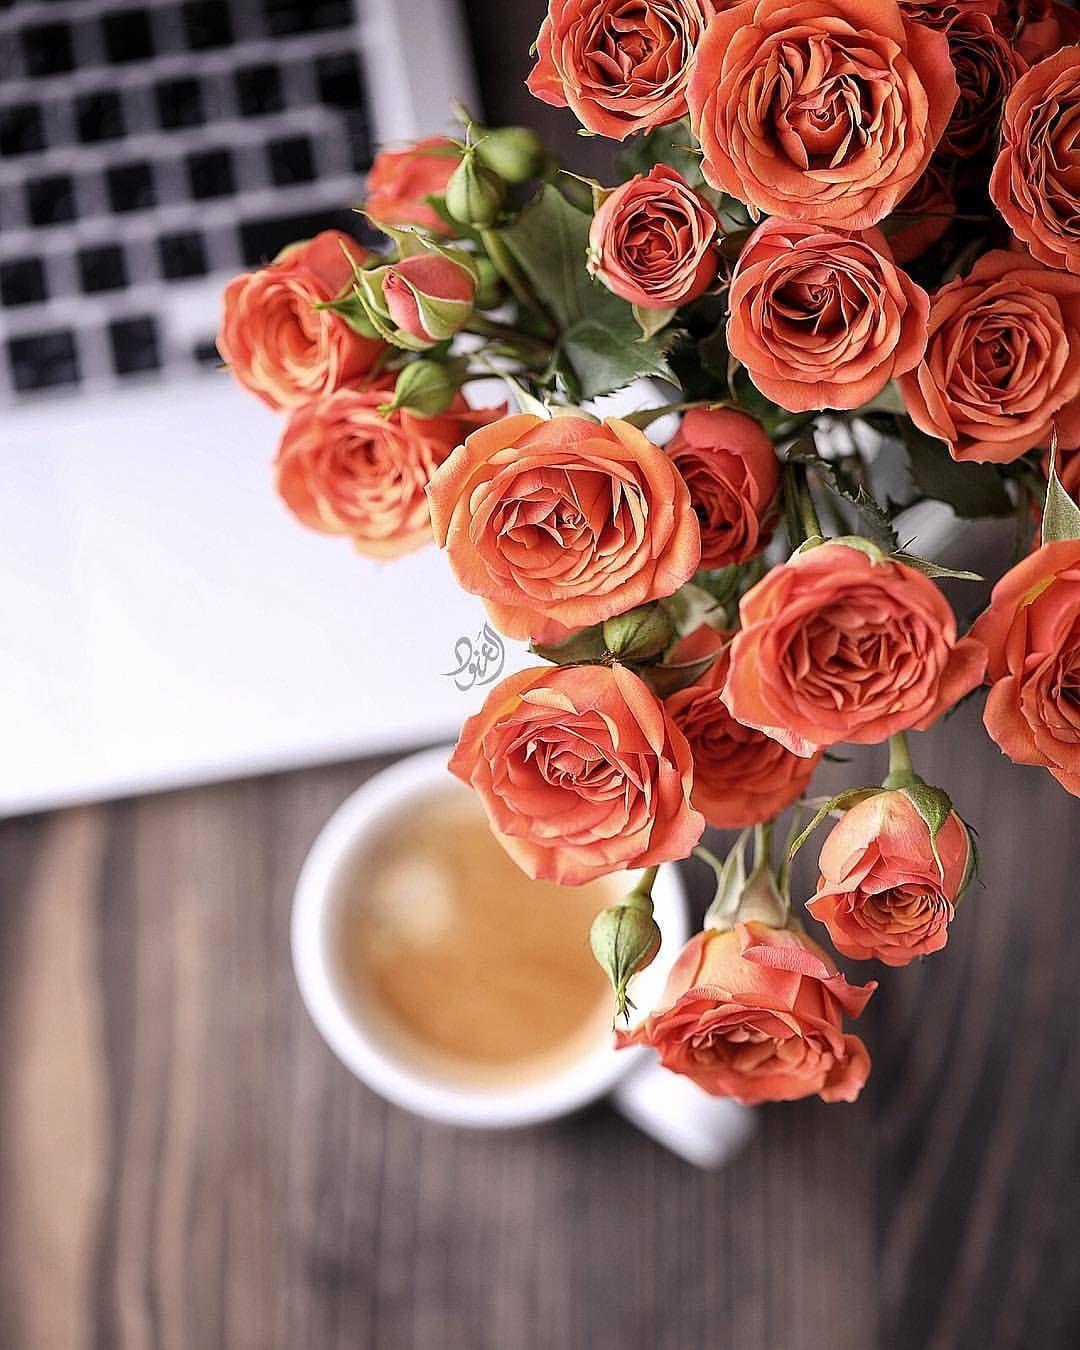 ㅤ مساء الورد ㅤ By Alanoodmaljaber ㅤ ㅤ أ لترشيحها كصورة الاسبوع متابعبتعليق منفصل 10 ب التقييم مـن 5 ــــ Flower Tea Coffee Vs Tea Coffee And Books